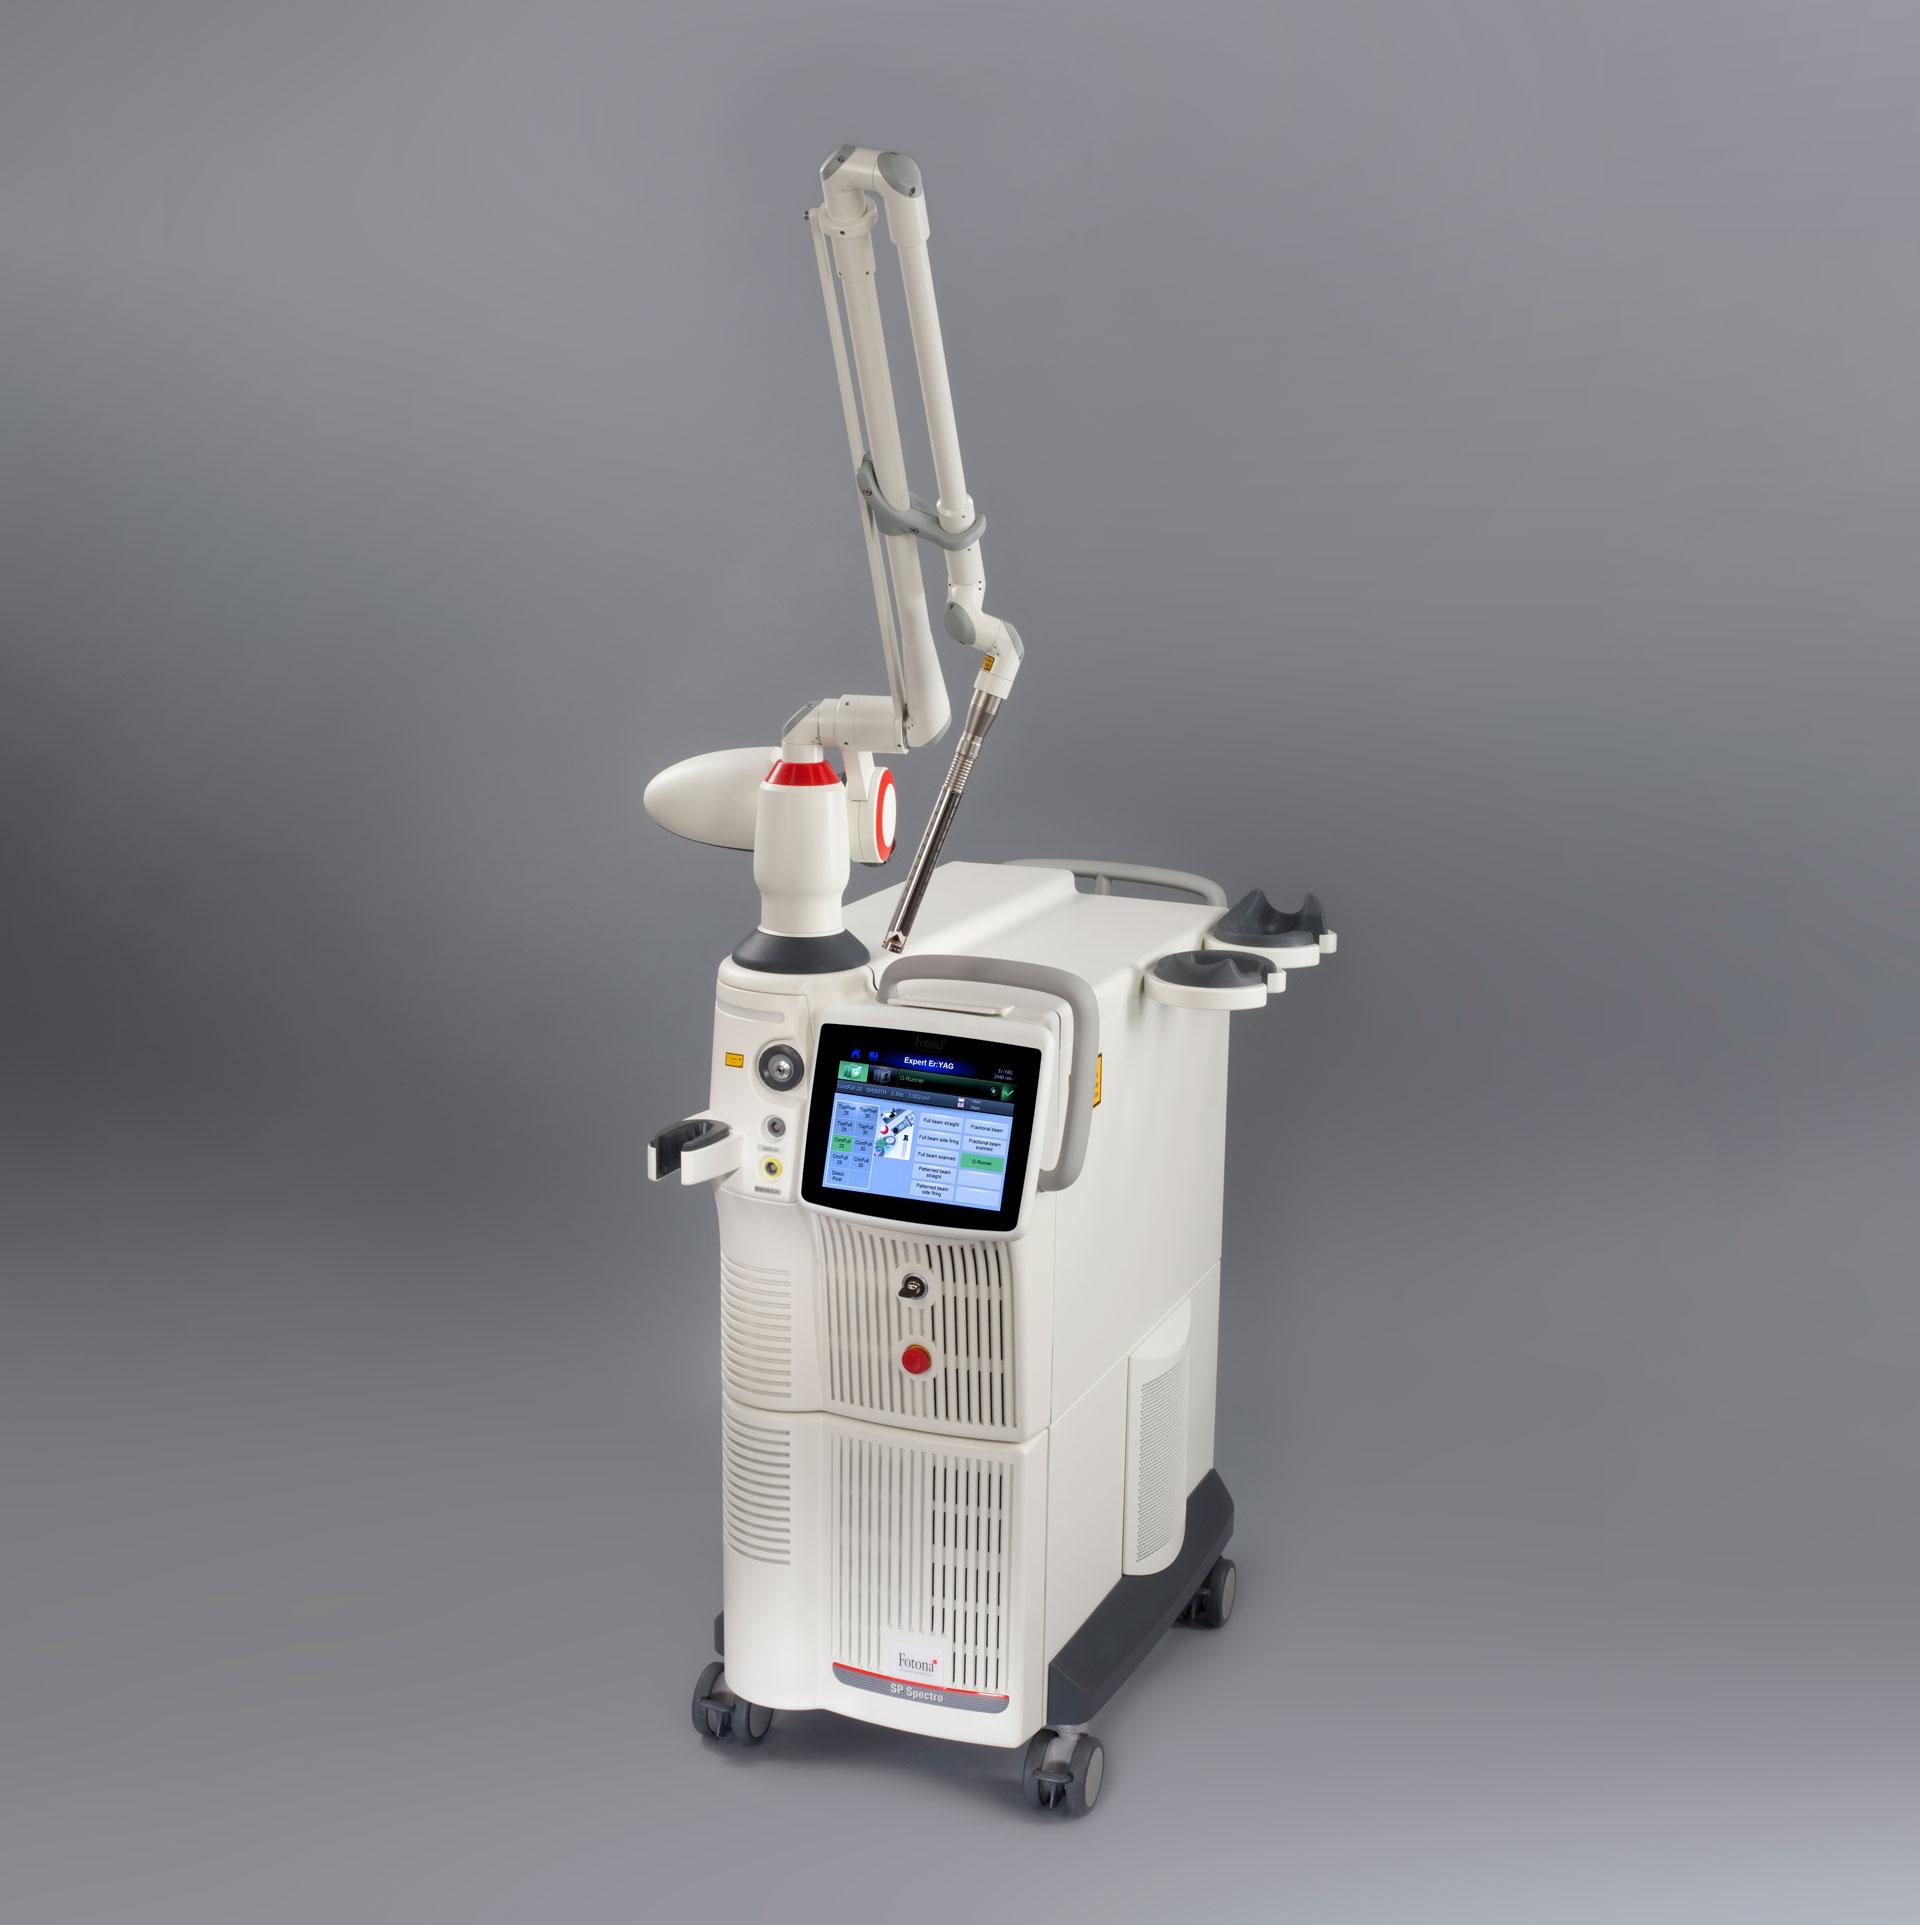 1 1 - لیزر غیر جراحی FotonaSmooth برای سلامت واژن (بخش اول)